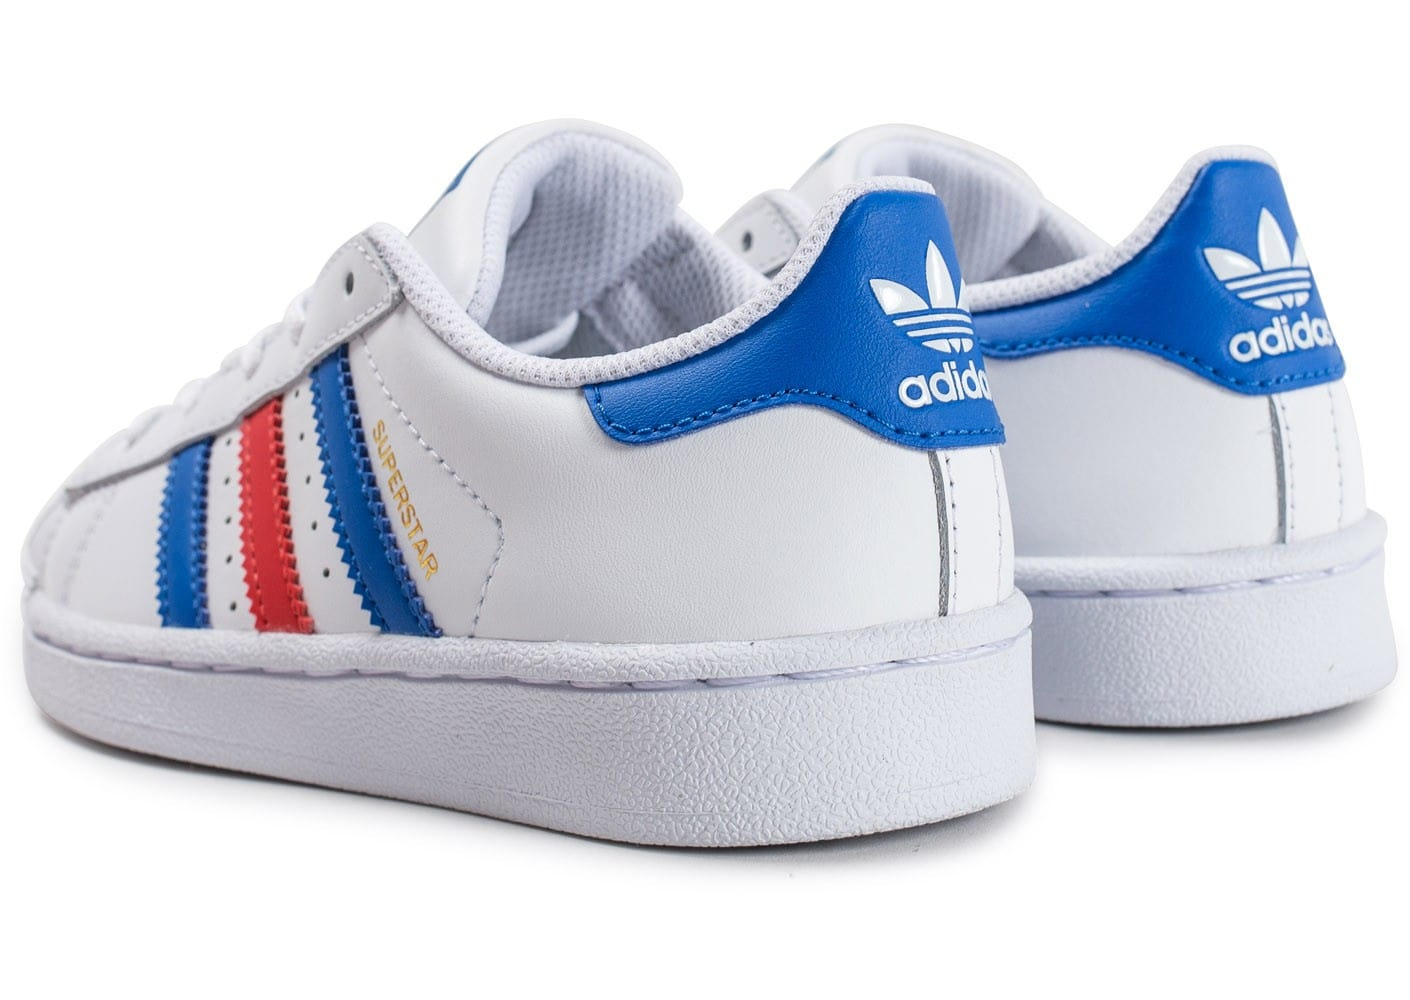 adidas superstar bleu blanc rouge femme